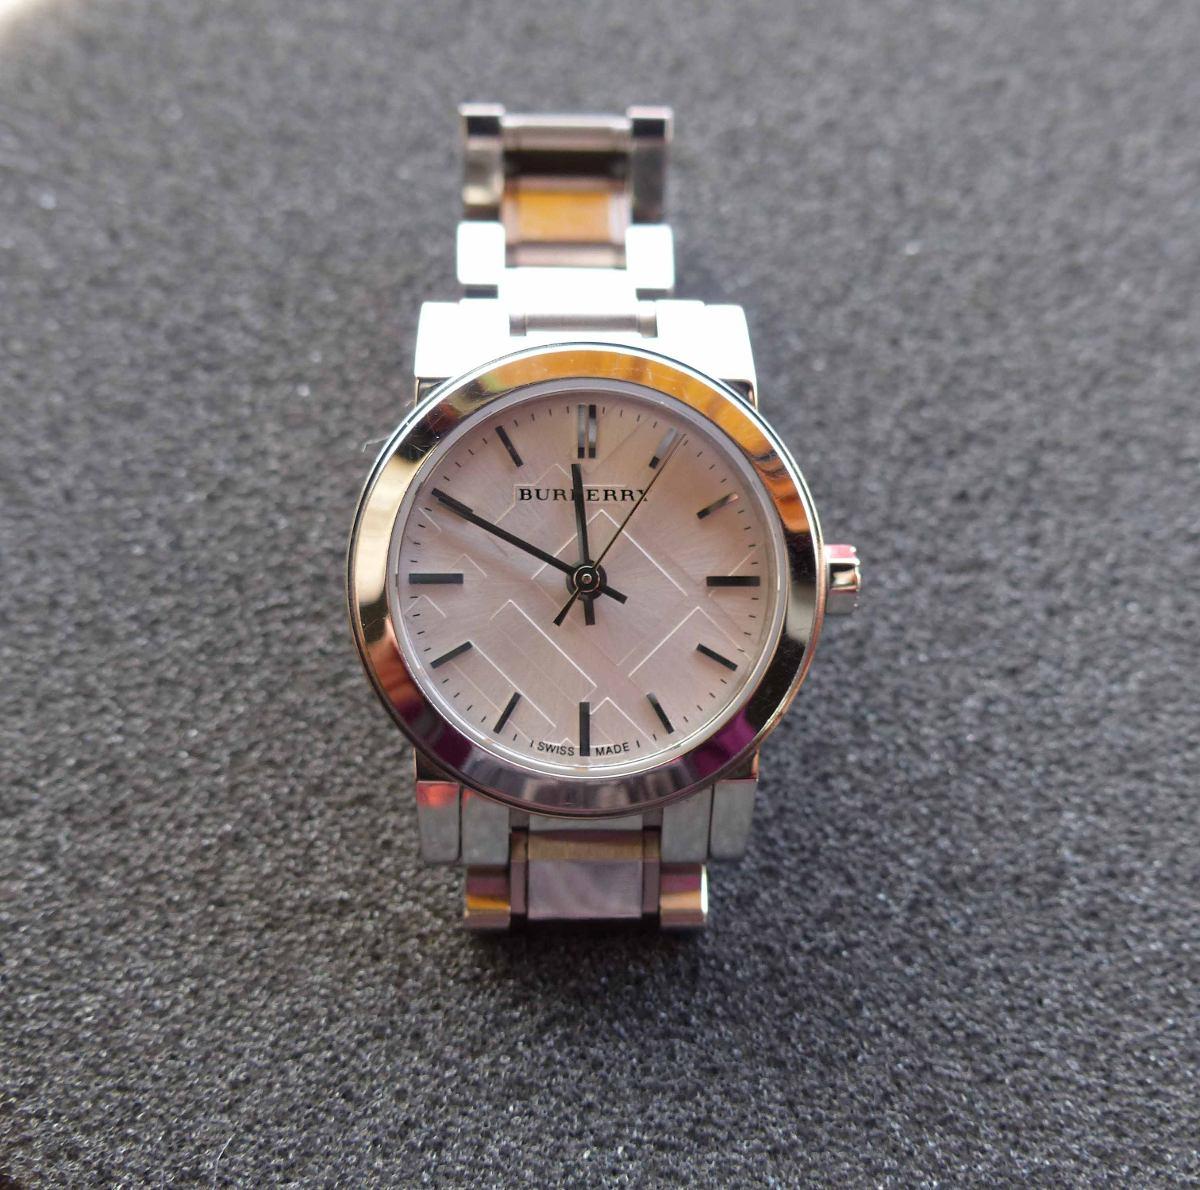 6a0480e6366 relógio burberry feminino original vidro cristal de safira. Carregando zoom.